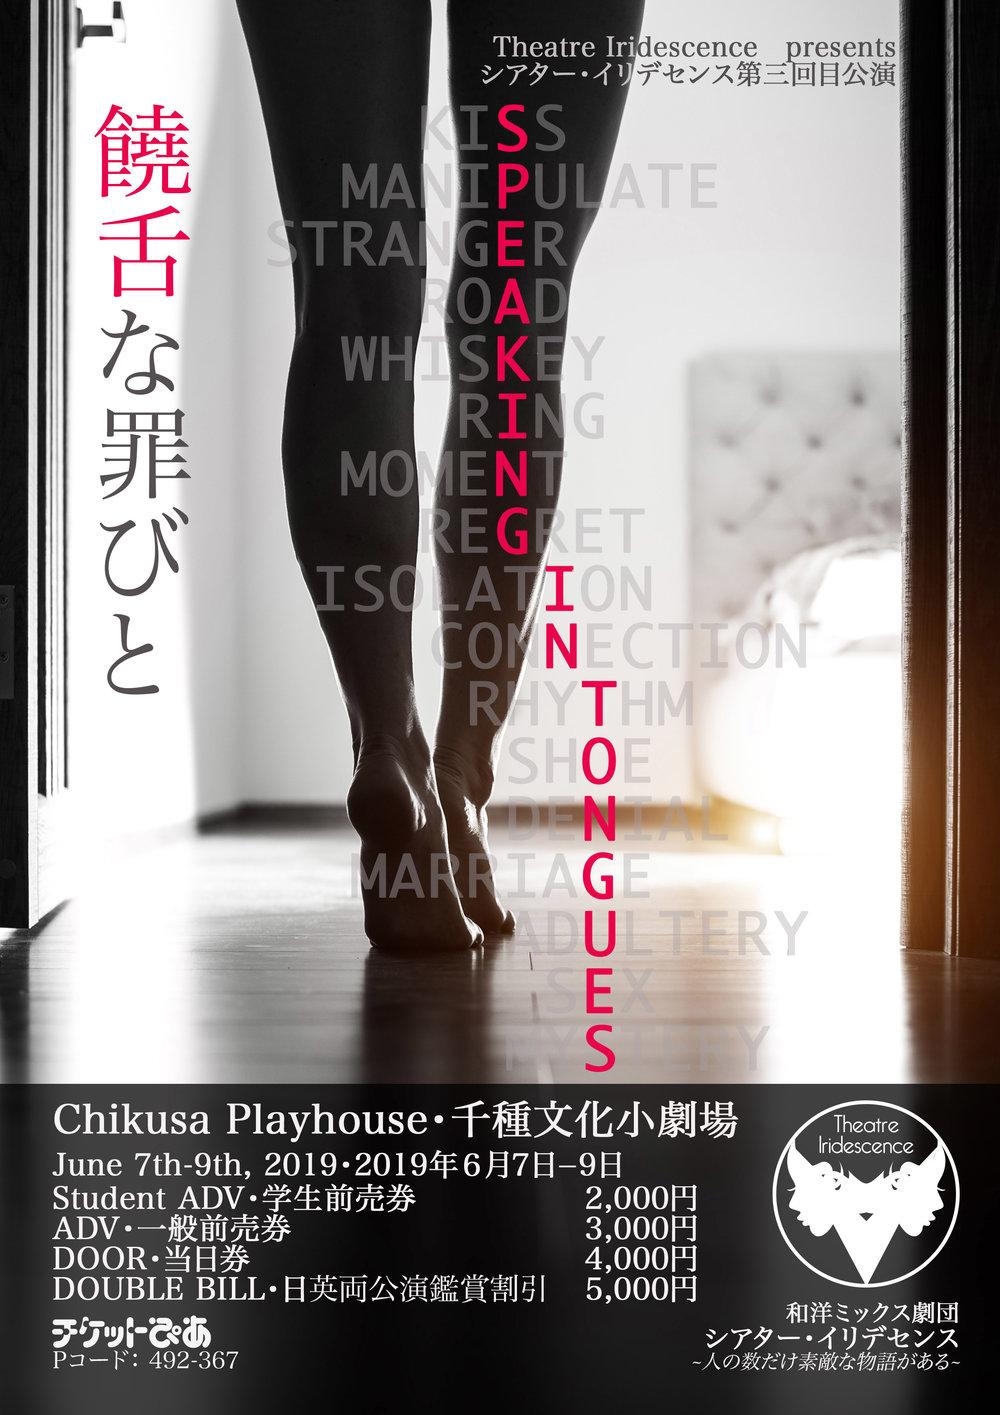 饒舌な罪びとチラシFRONT FINAL copy.jpg